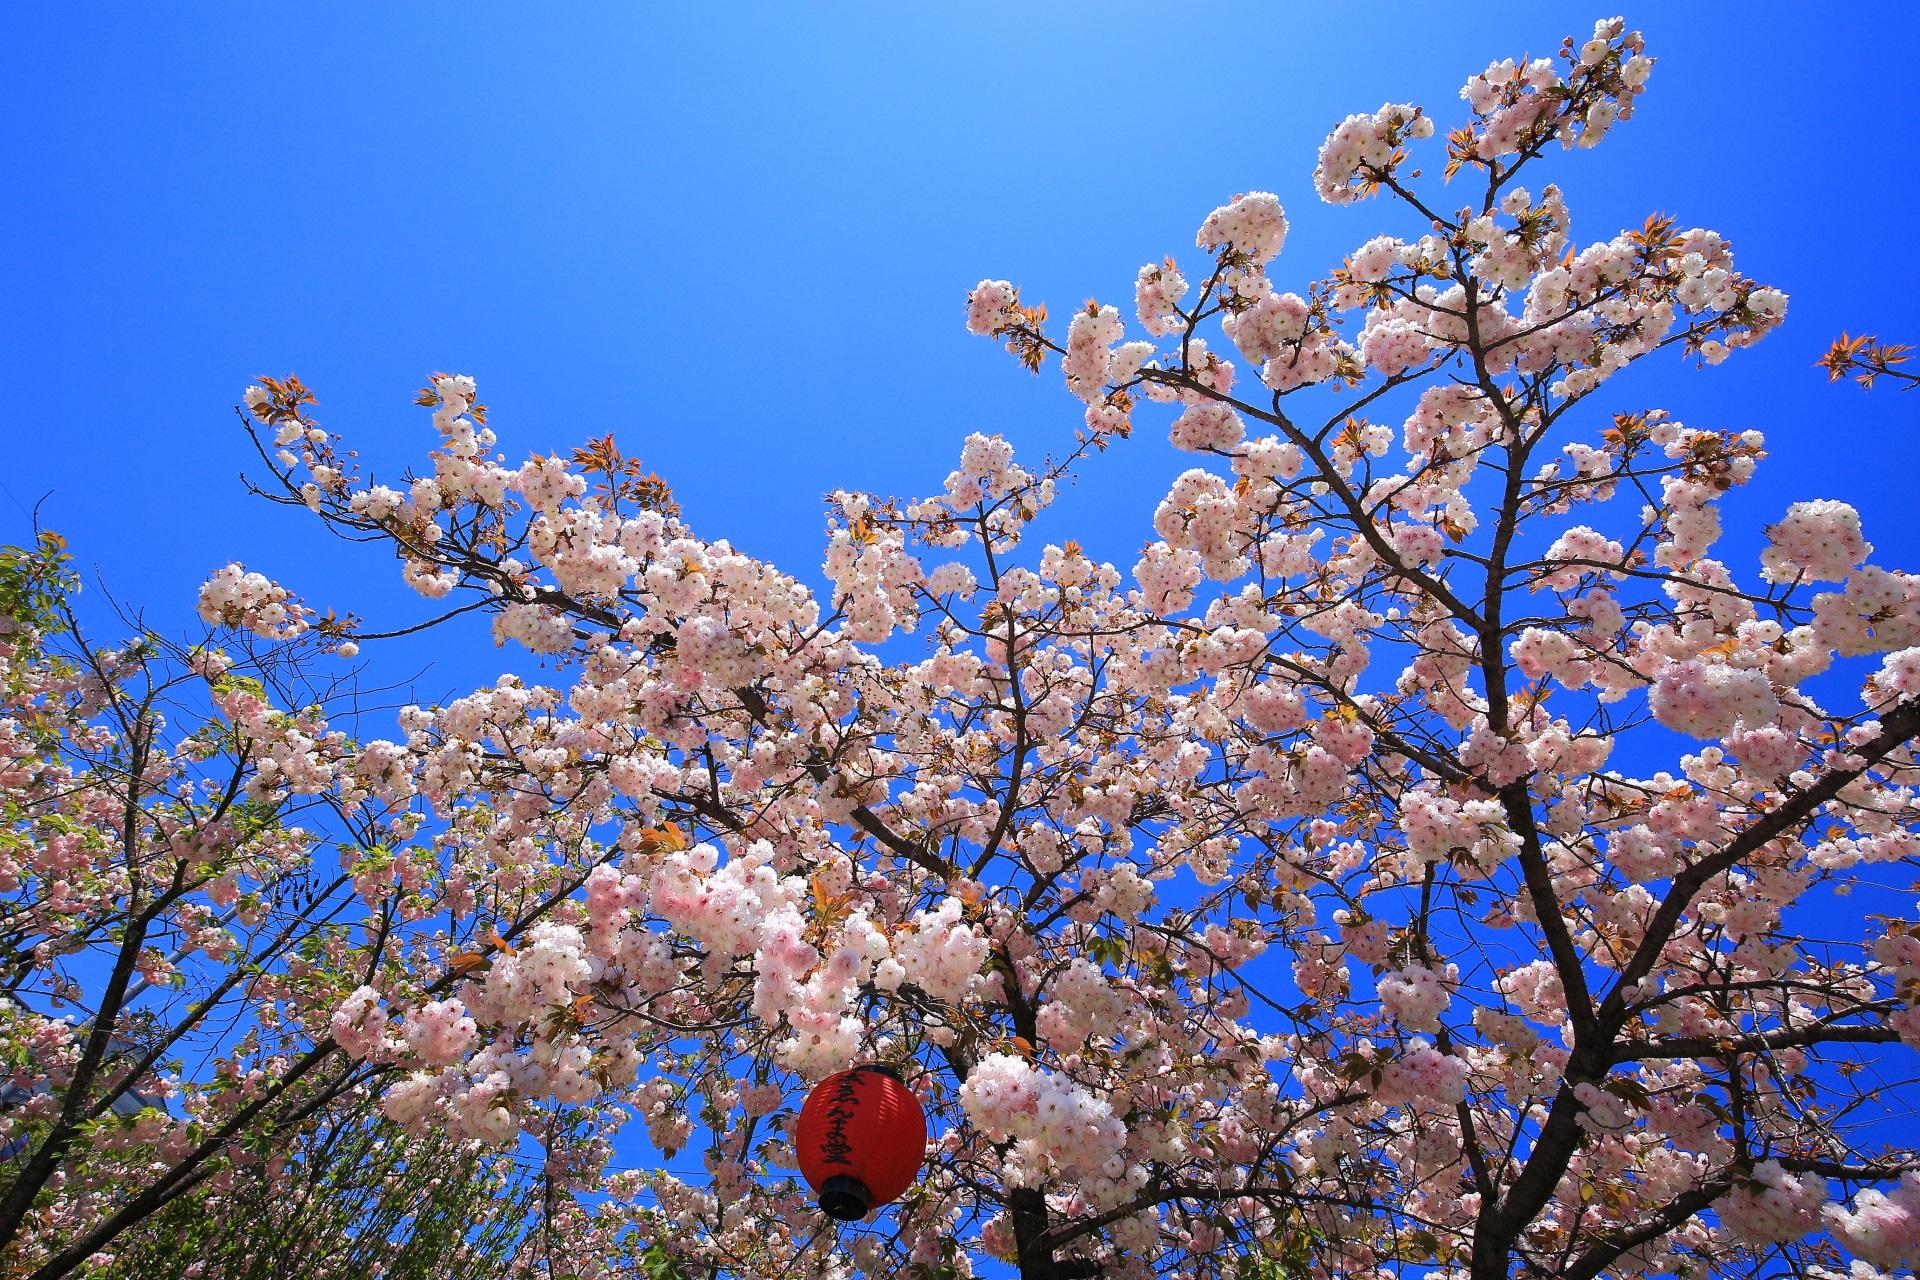 青空に映える華やかな桜